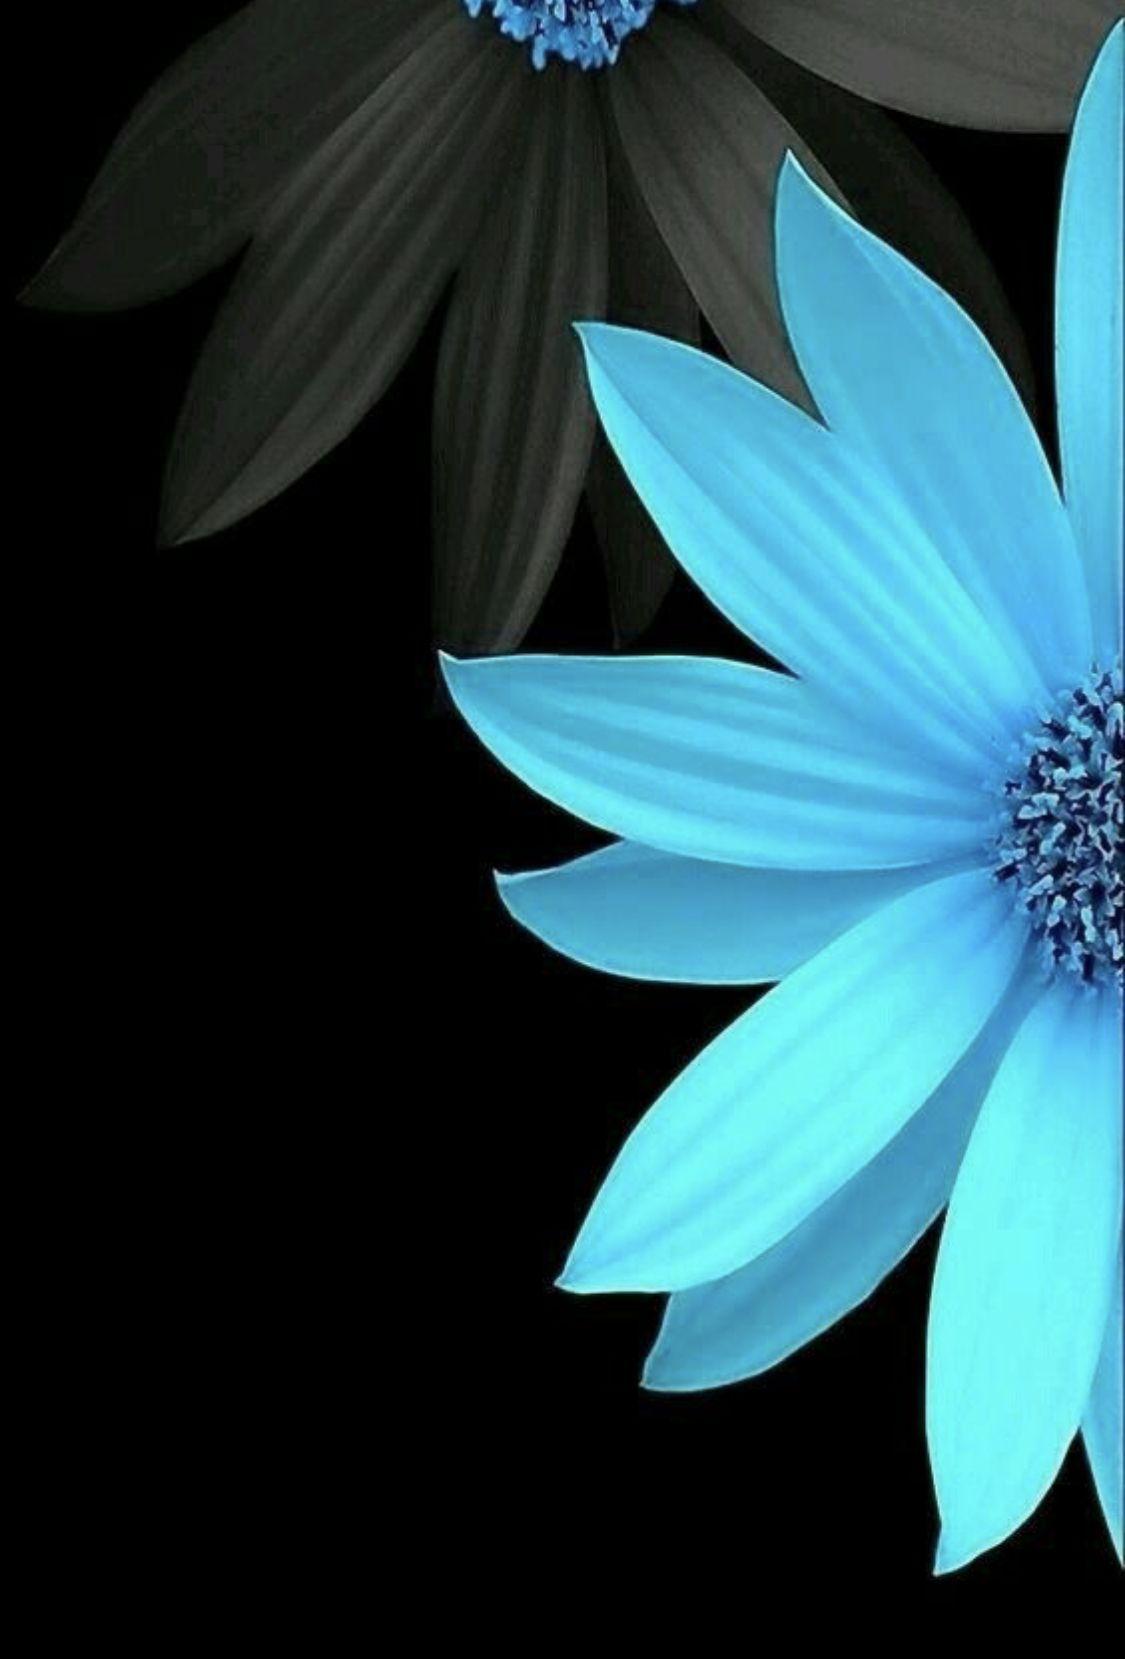 Black Turquoise Blue Flower Wallpaper Art Wallpaper Flower Wallpaper